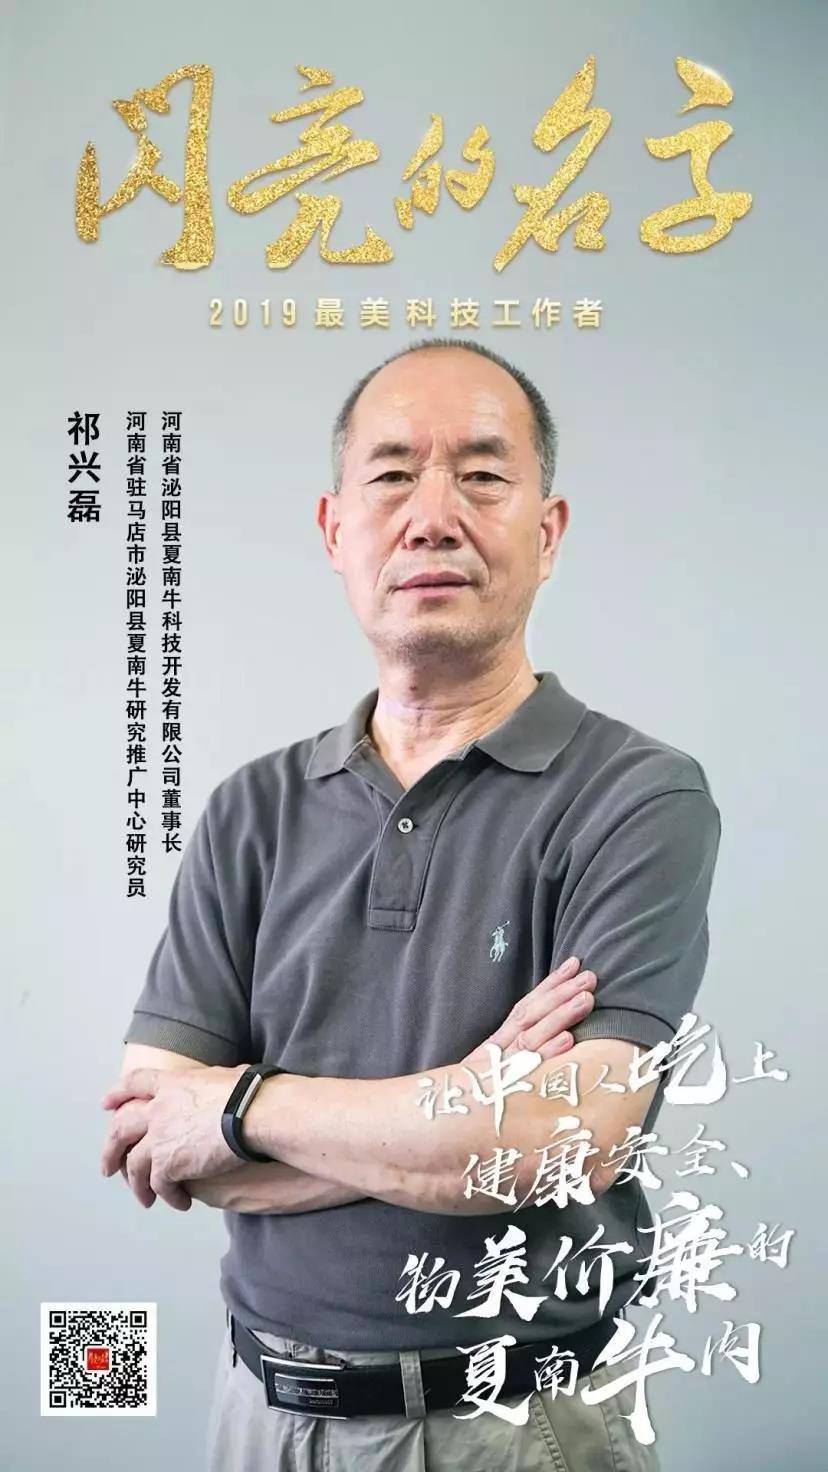 """1982年参加工作以来,祁兴磊一直在基层致力于肉牛科研和技术推广,为打破国外肉牛品种一统天下的局面不断努力。他被誉为""""夏南牛之父"""",开创中国肉牛育种先河,填补中国肉牛品种空白,成为中国肉牛产业发展里程碑!"""